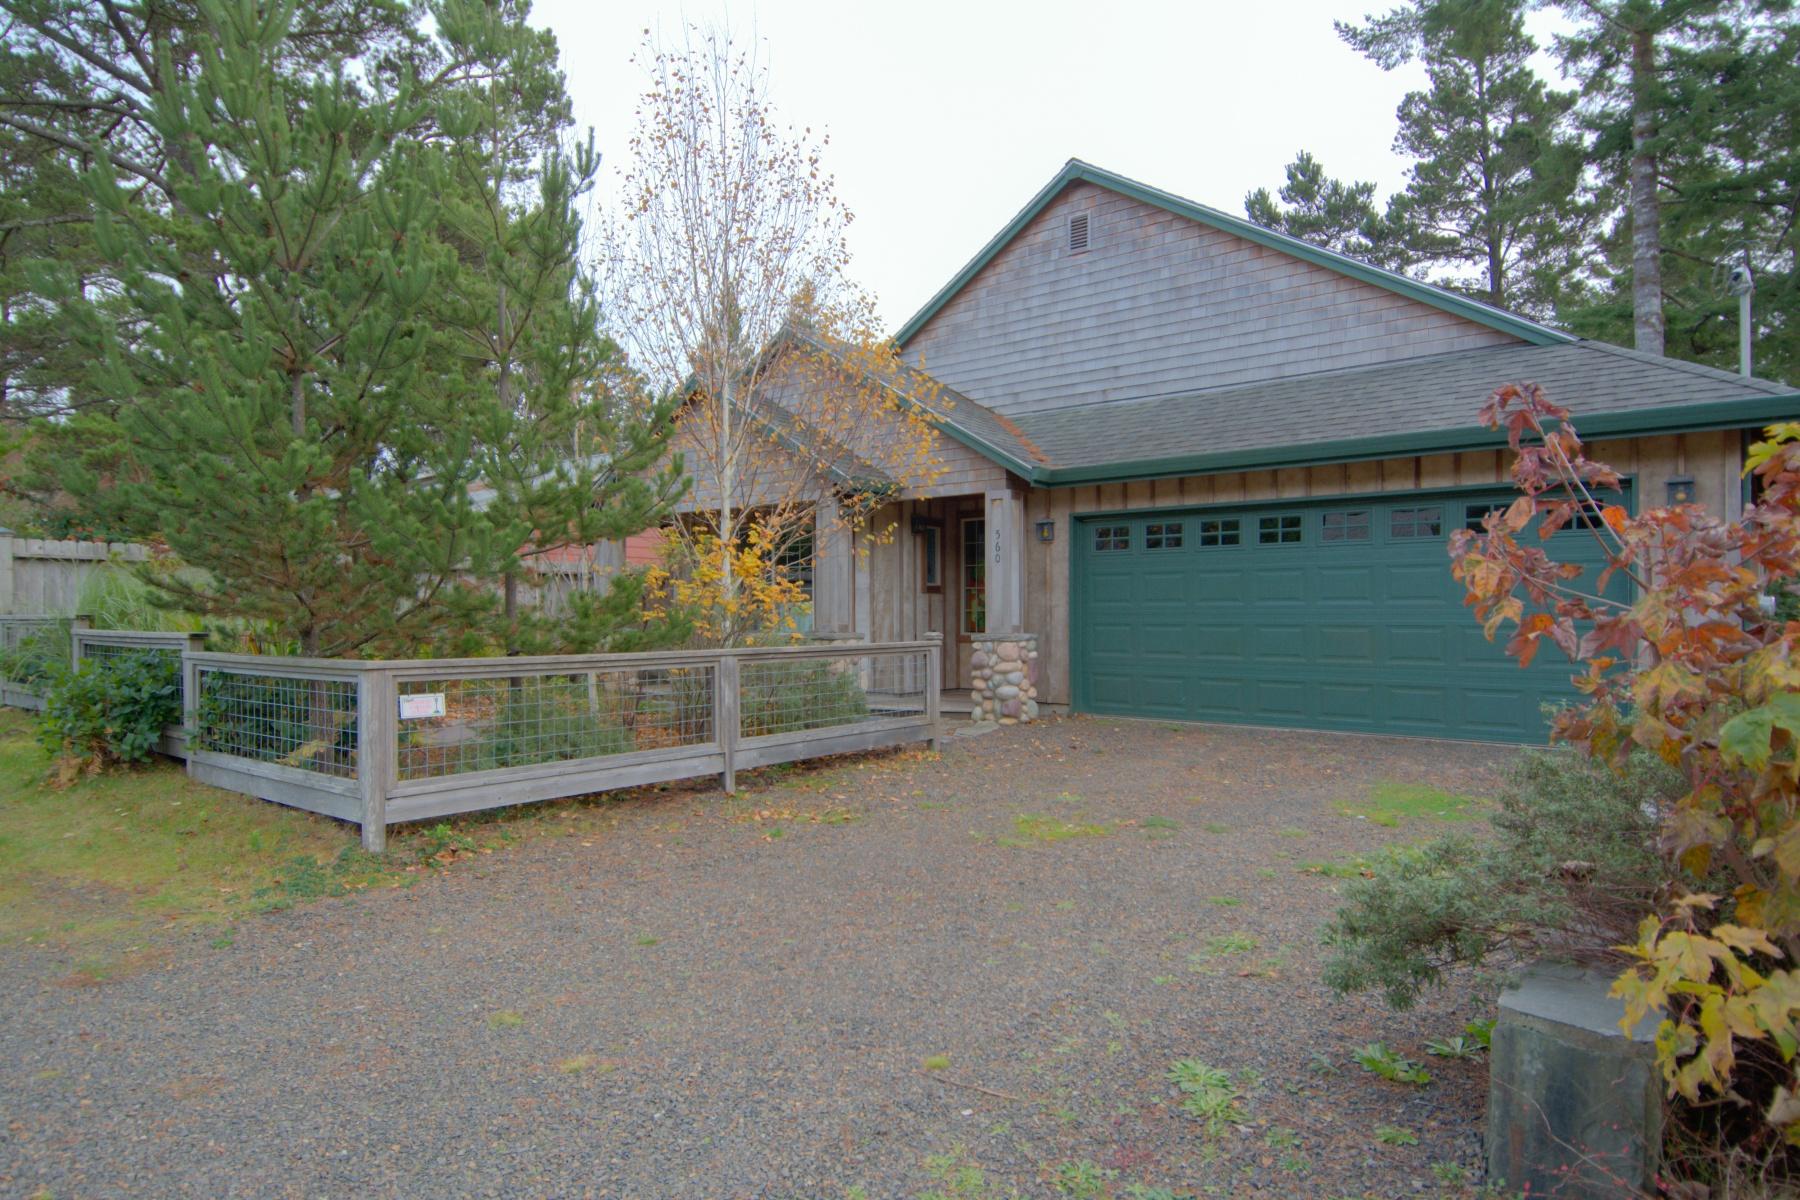 Nhà ở một gia đình vì Bán tại 560 MANZANITA AVE, MANZANITA, OR Manzanita, Oregon 97130 Hoa Kỳ